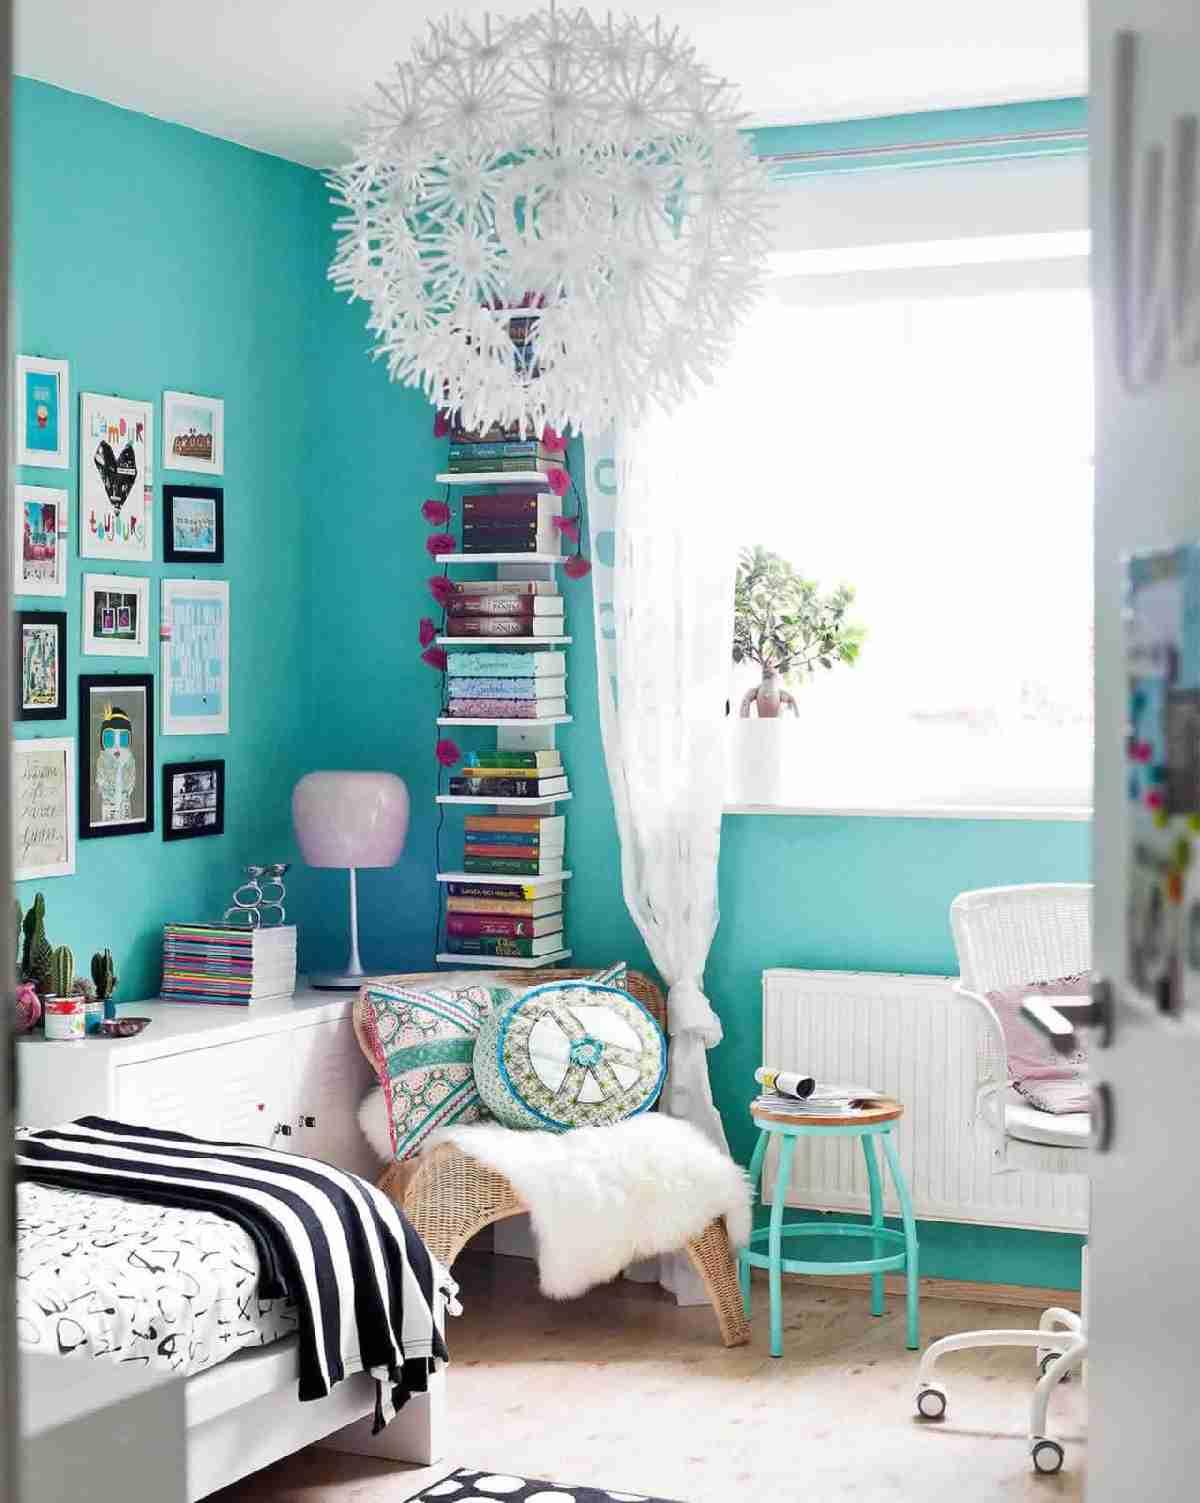 Claves para iluminar y decorar una habitación juvenil 4